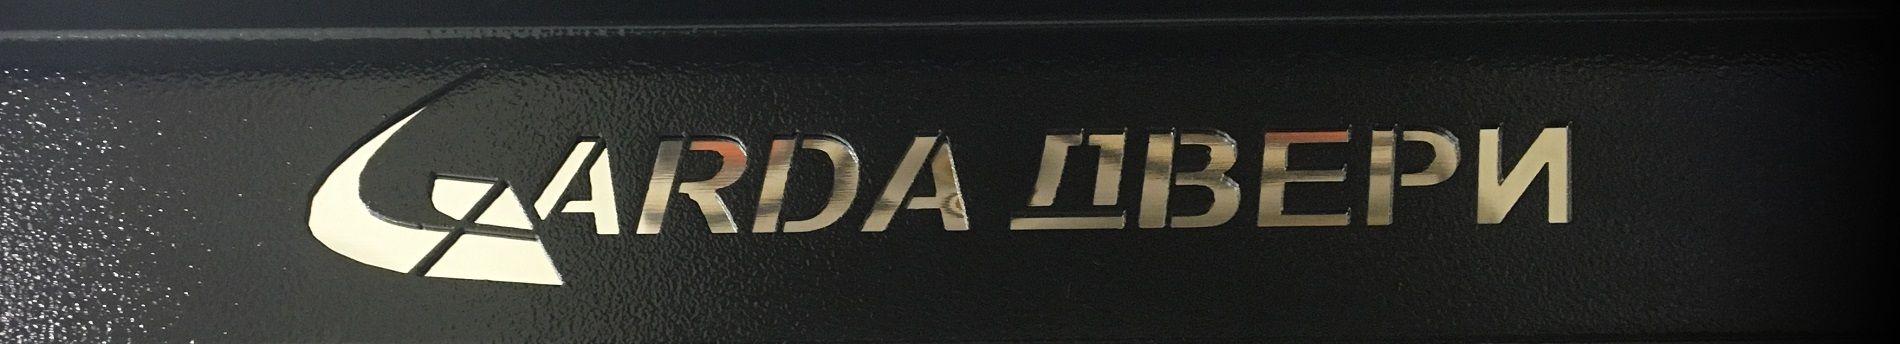 Garda двери - заказать в СПб